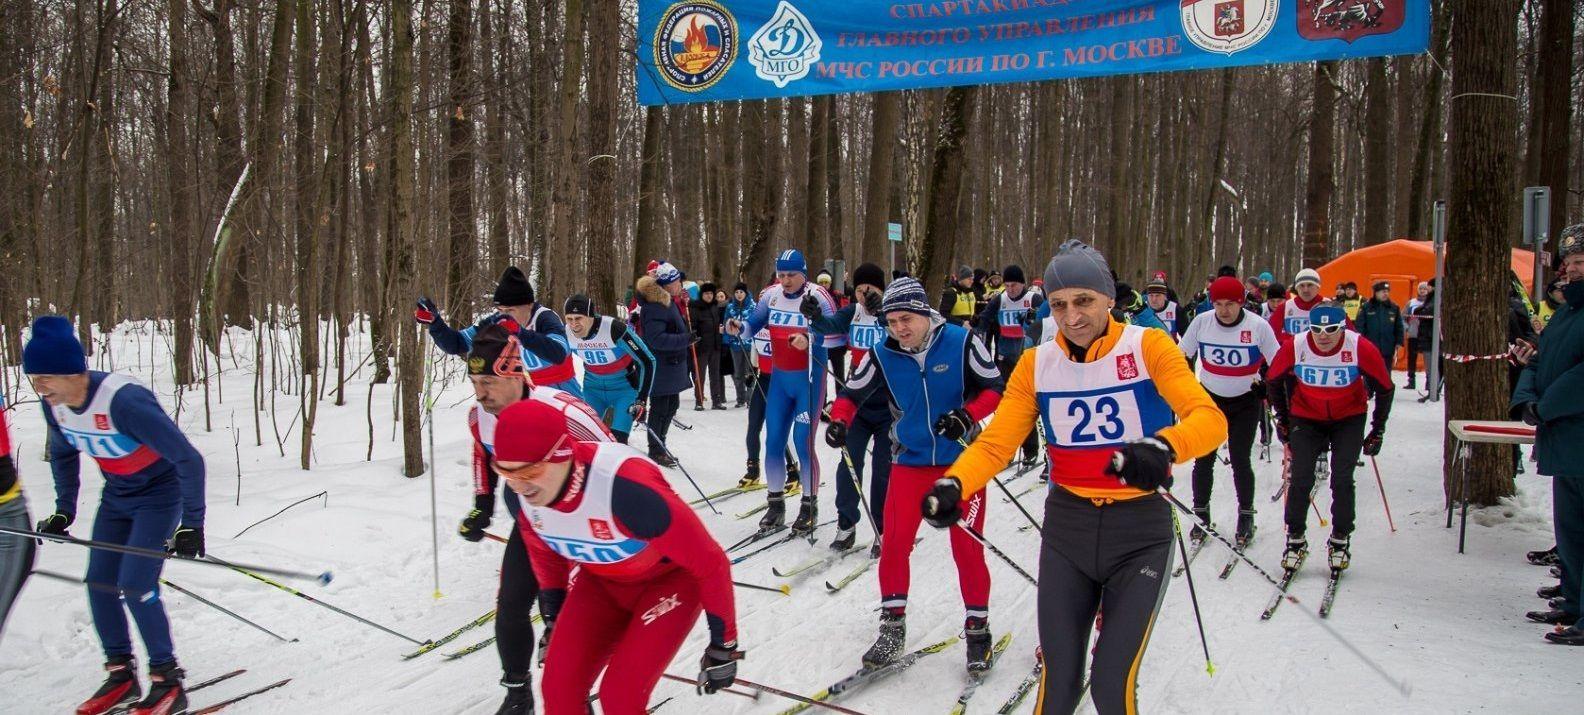 Спартакиада стартовала с лыжной эстафеты